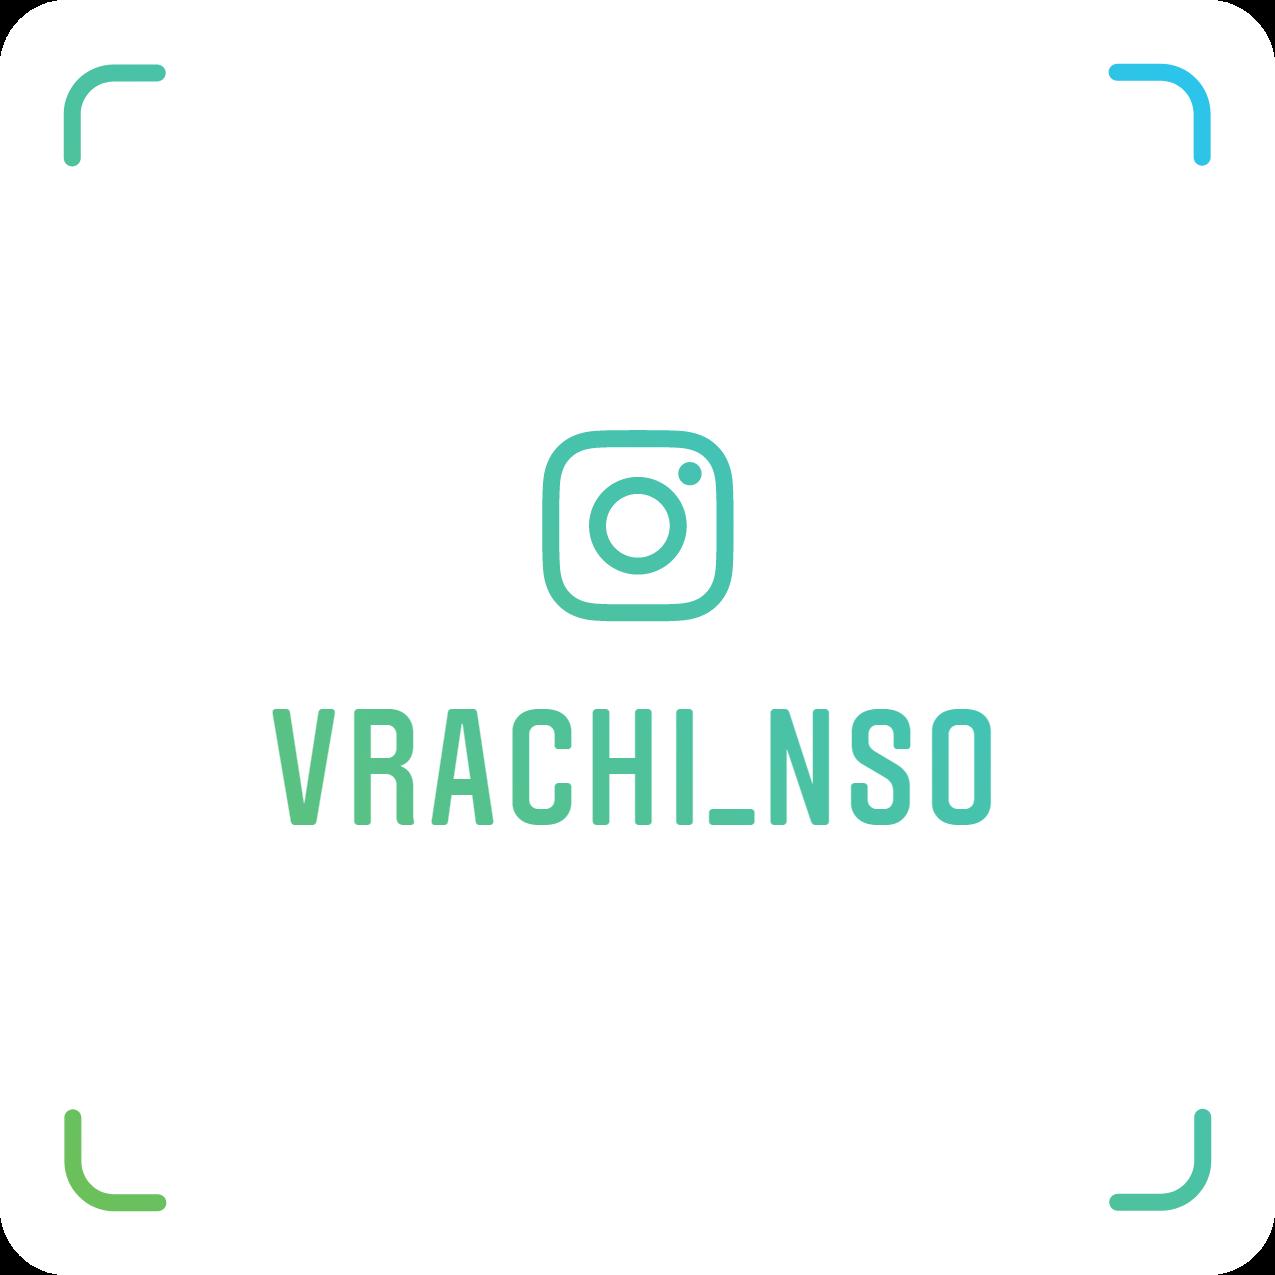 Подписывайтесь на нашу страничку в Instagram.